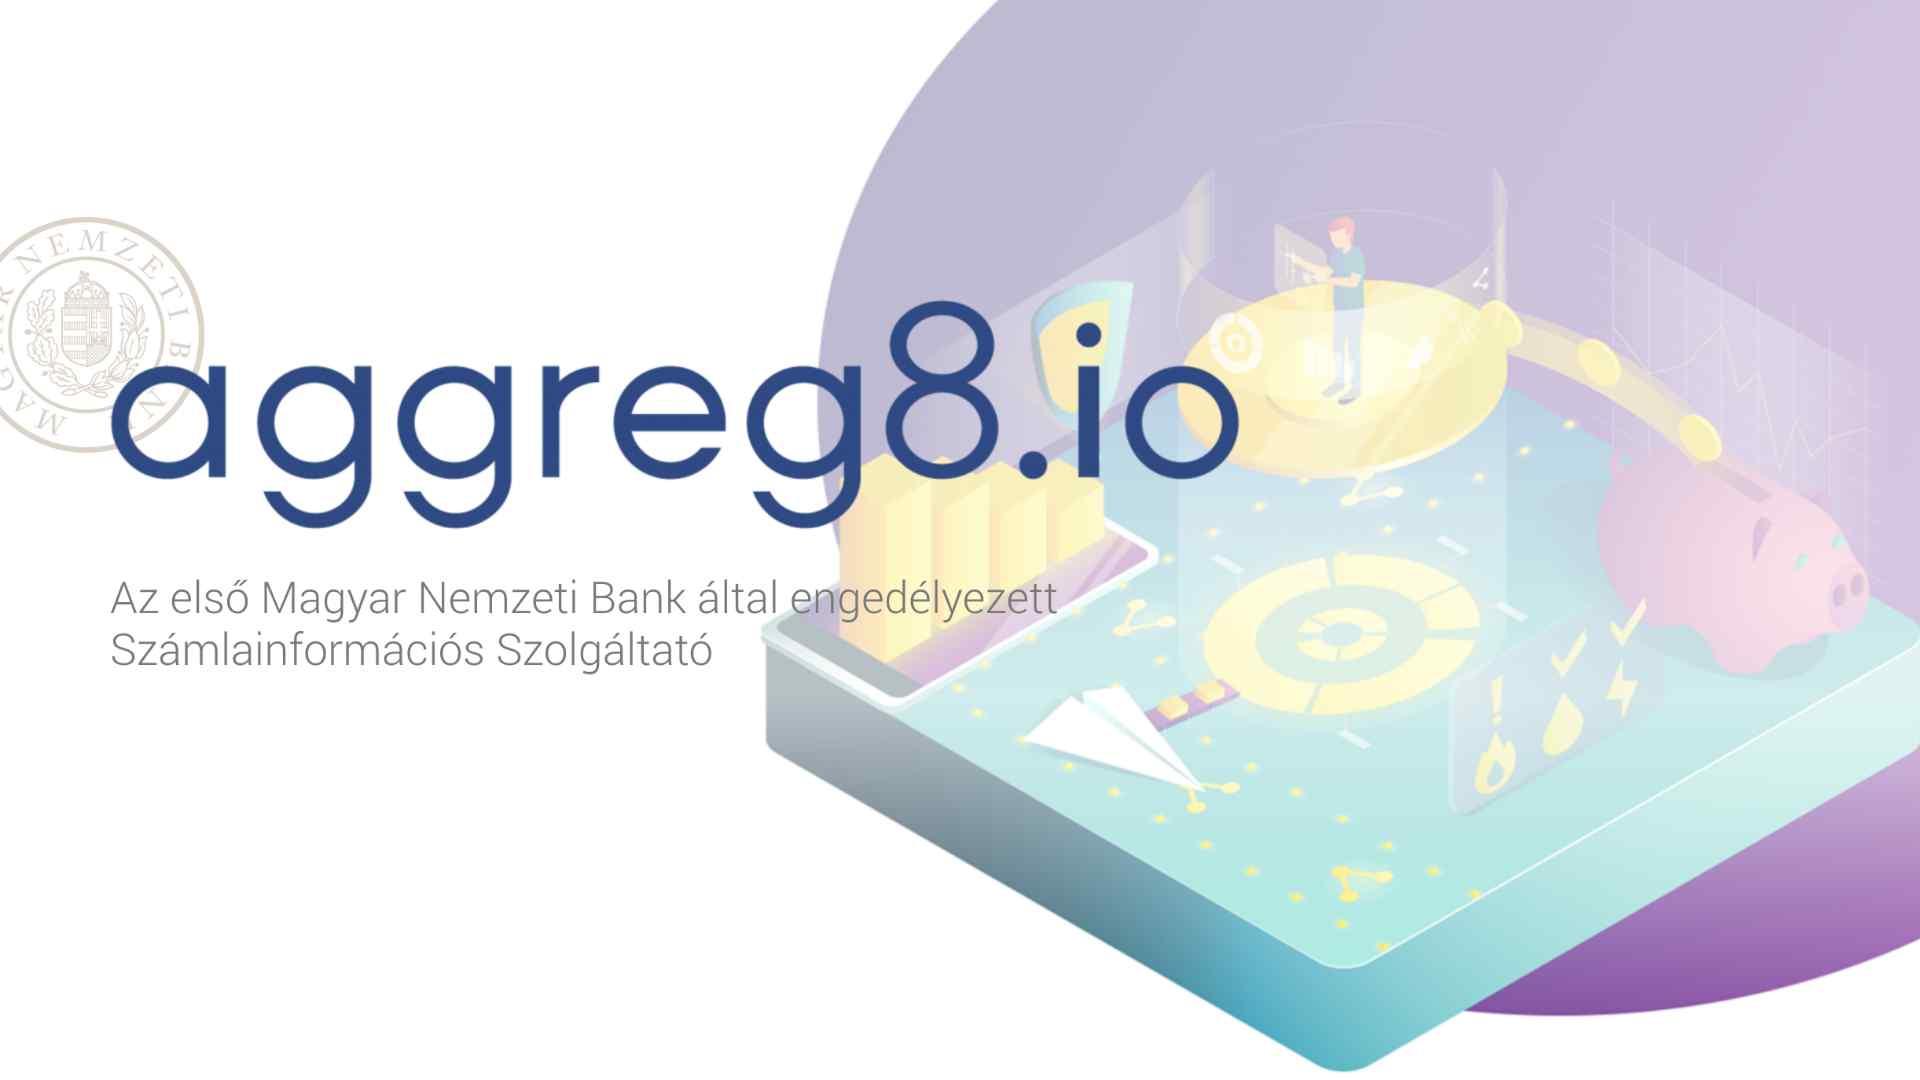 Aggeg8.io magyar fintech startup piacter